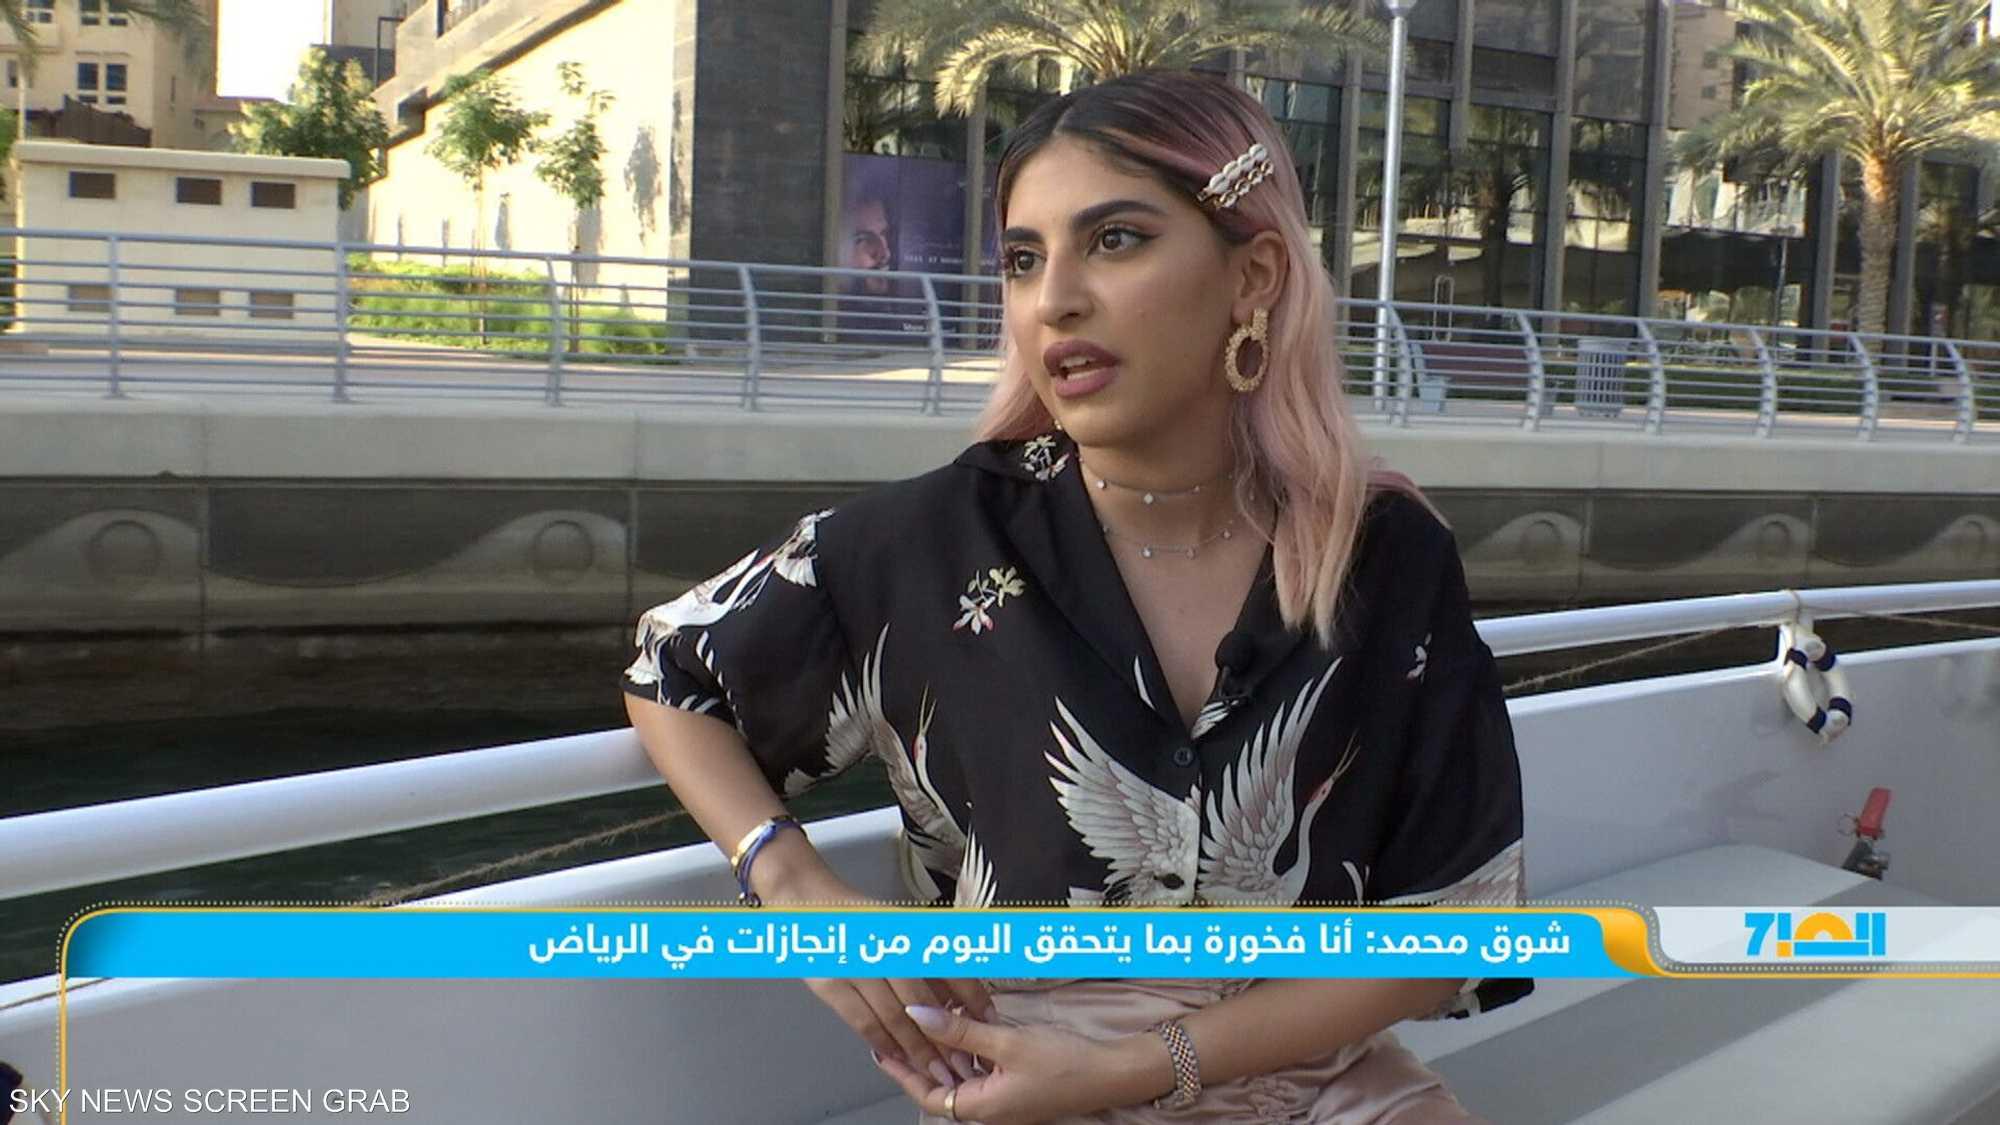 سوشال ميديا.. مع المدونة شوق محمد